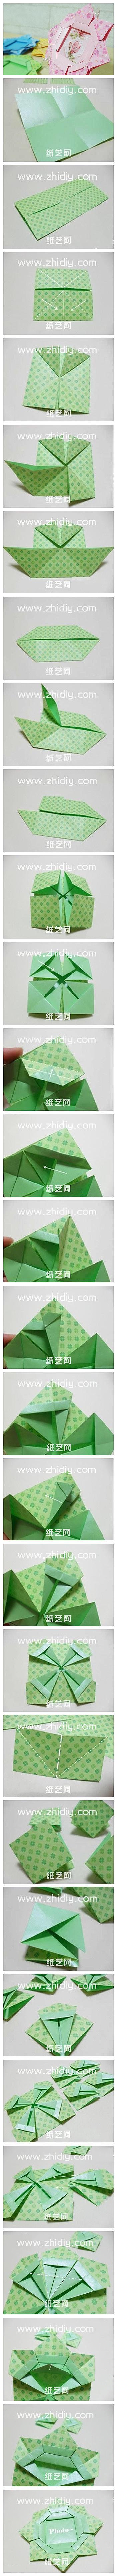 Weitere Anleitung für einen Origami Bilderrahmen (modular) | Origami ...